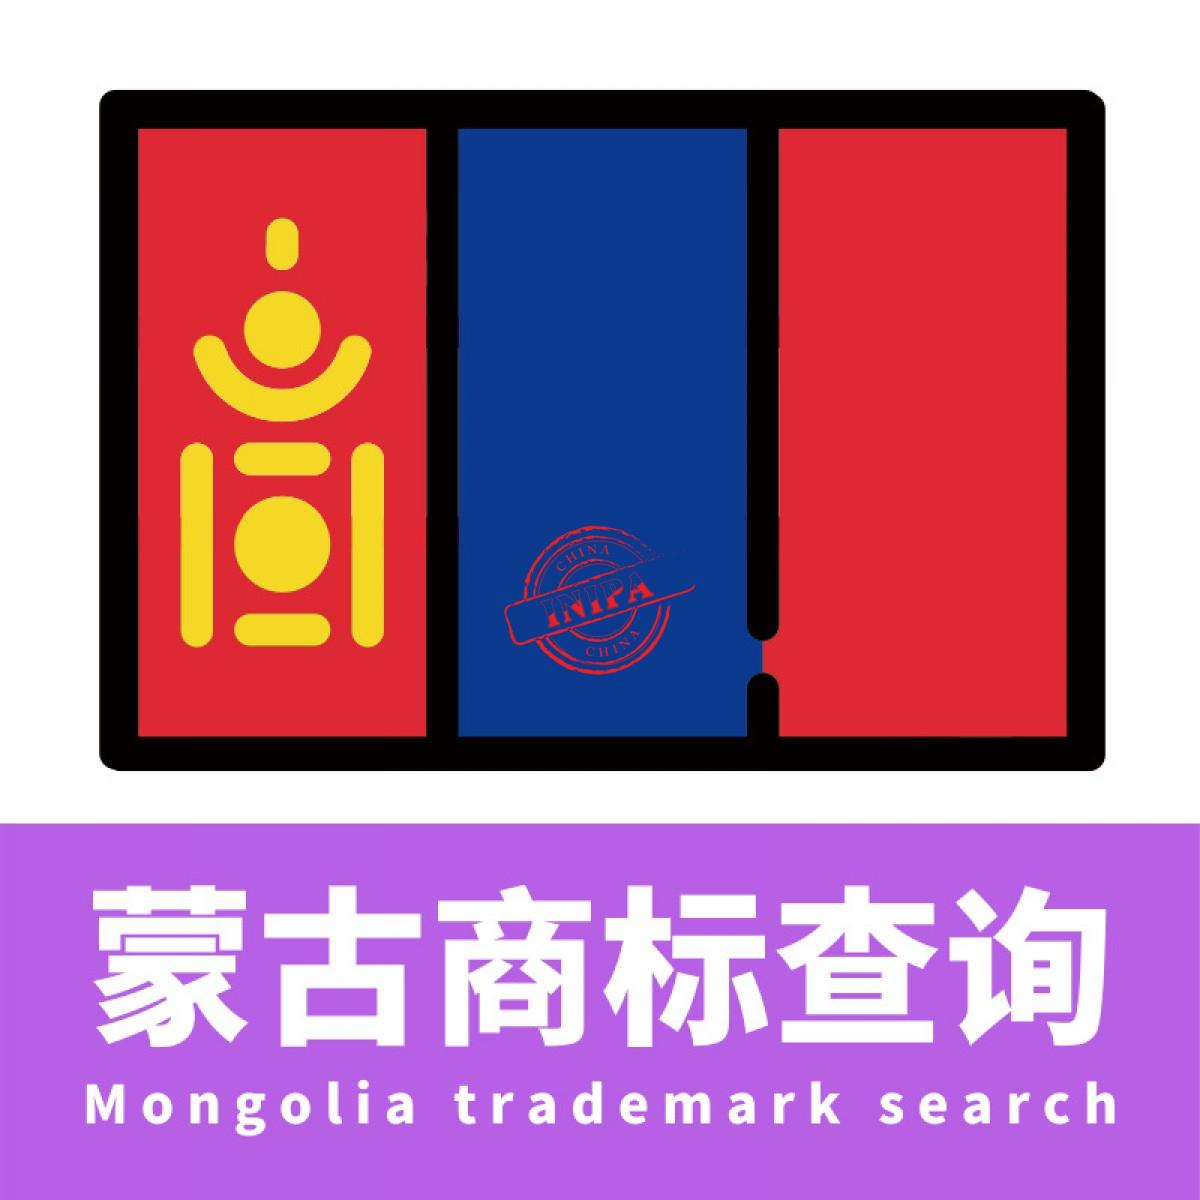 蒙古商标查询/Mongolia trademark search